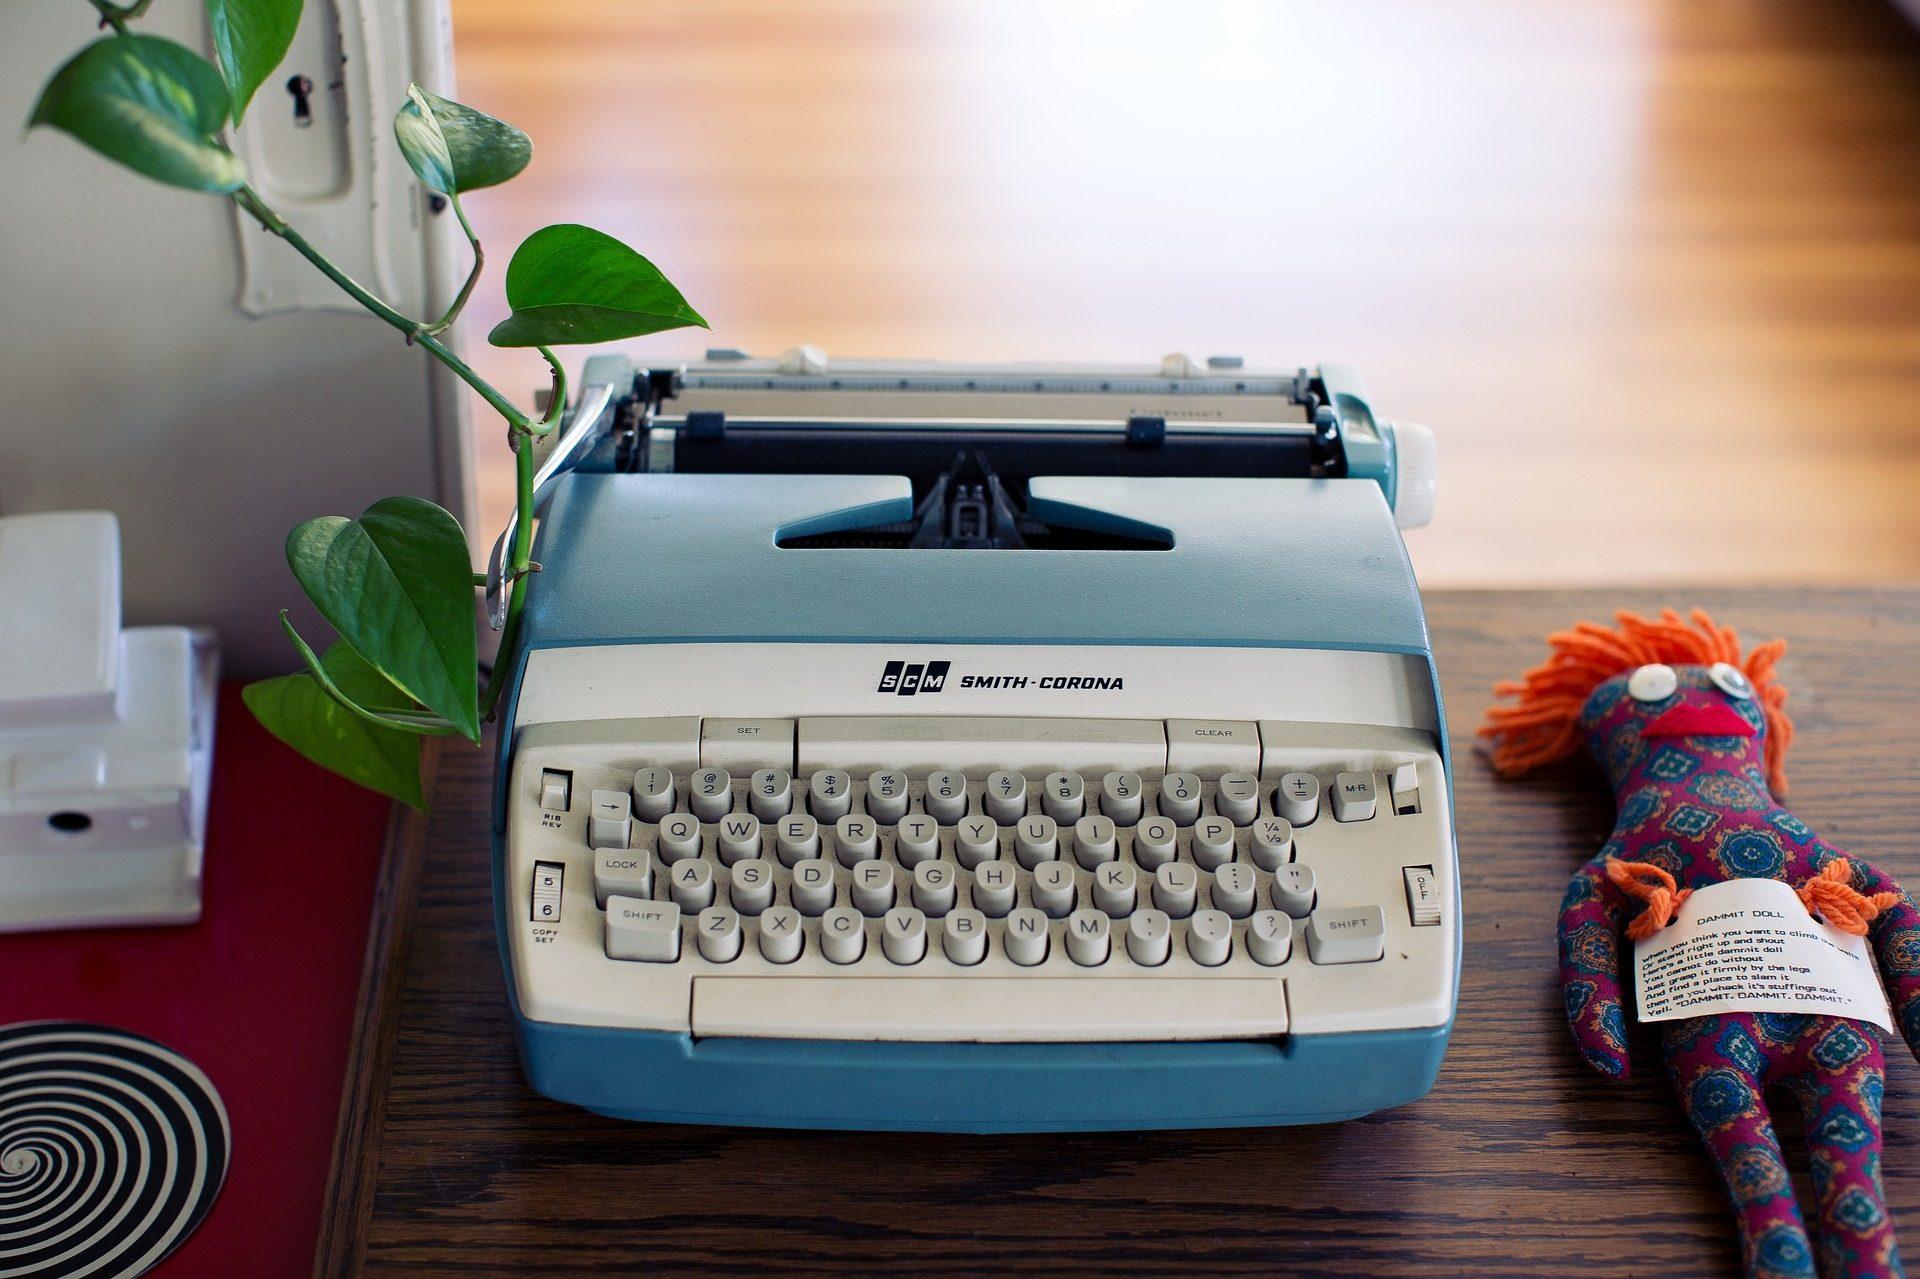 machine à écrire, clés, vieux, Vintage, poupée, rez de chaussée - Fonds d'écran HD - Professor-falken.com